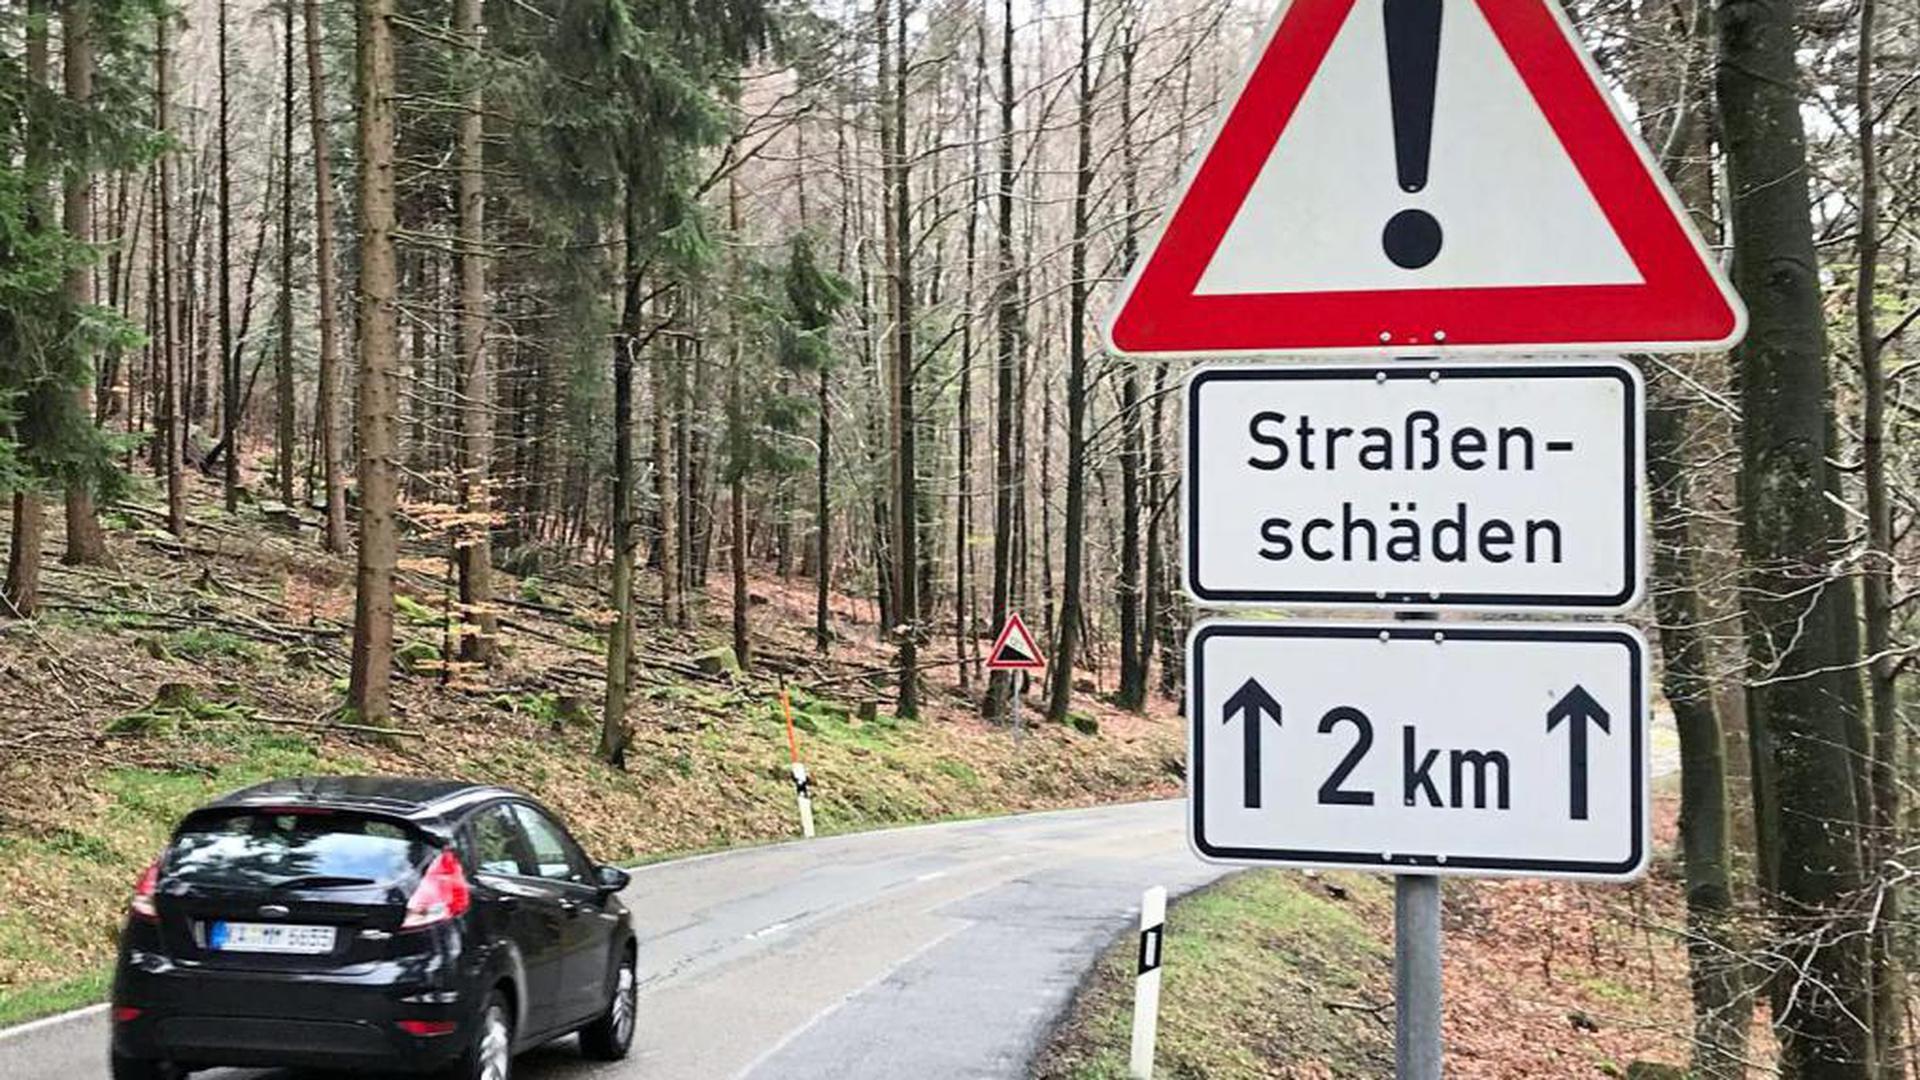 Eine Holperpiste ist die Strecke ab Gernsbach-Reichental in Richtung Kaltenbronn. In den kommenden beiden Jahren wird der dritte und letzte Abschnitt der L76b saniert; das Regierungspräsidium geht in der Summe von zehn Monaten Vollsperrung aus.